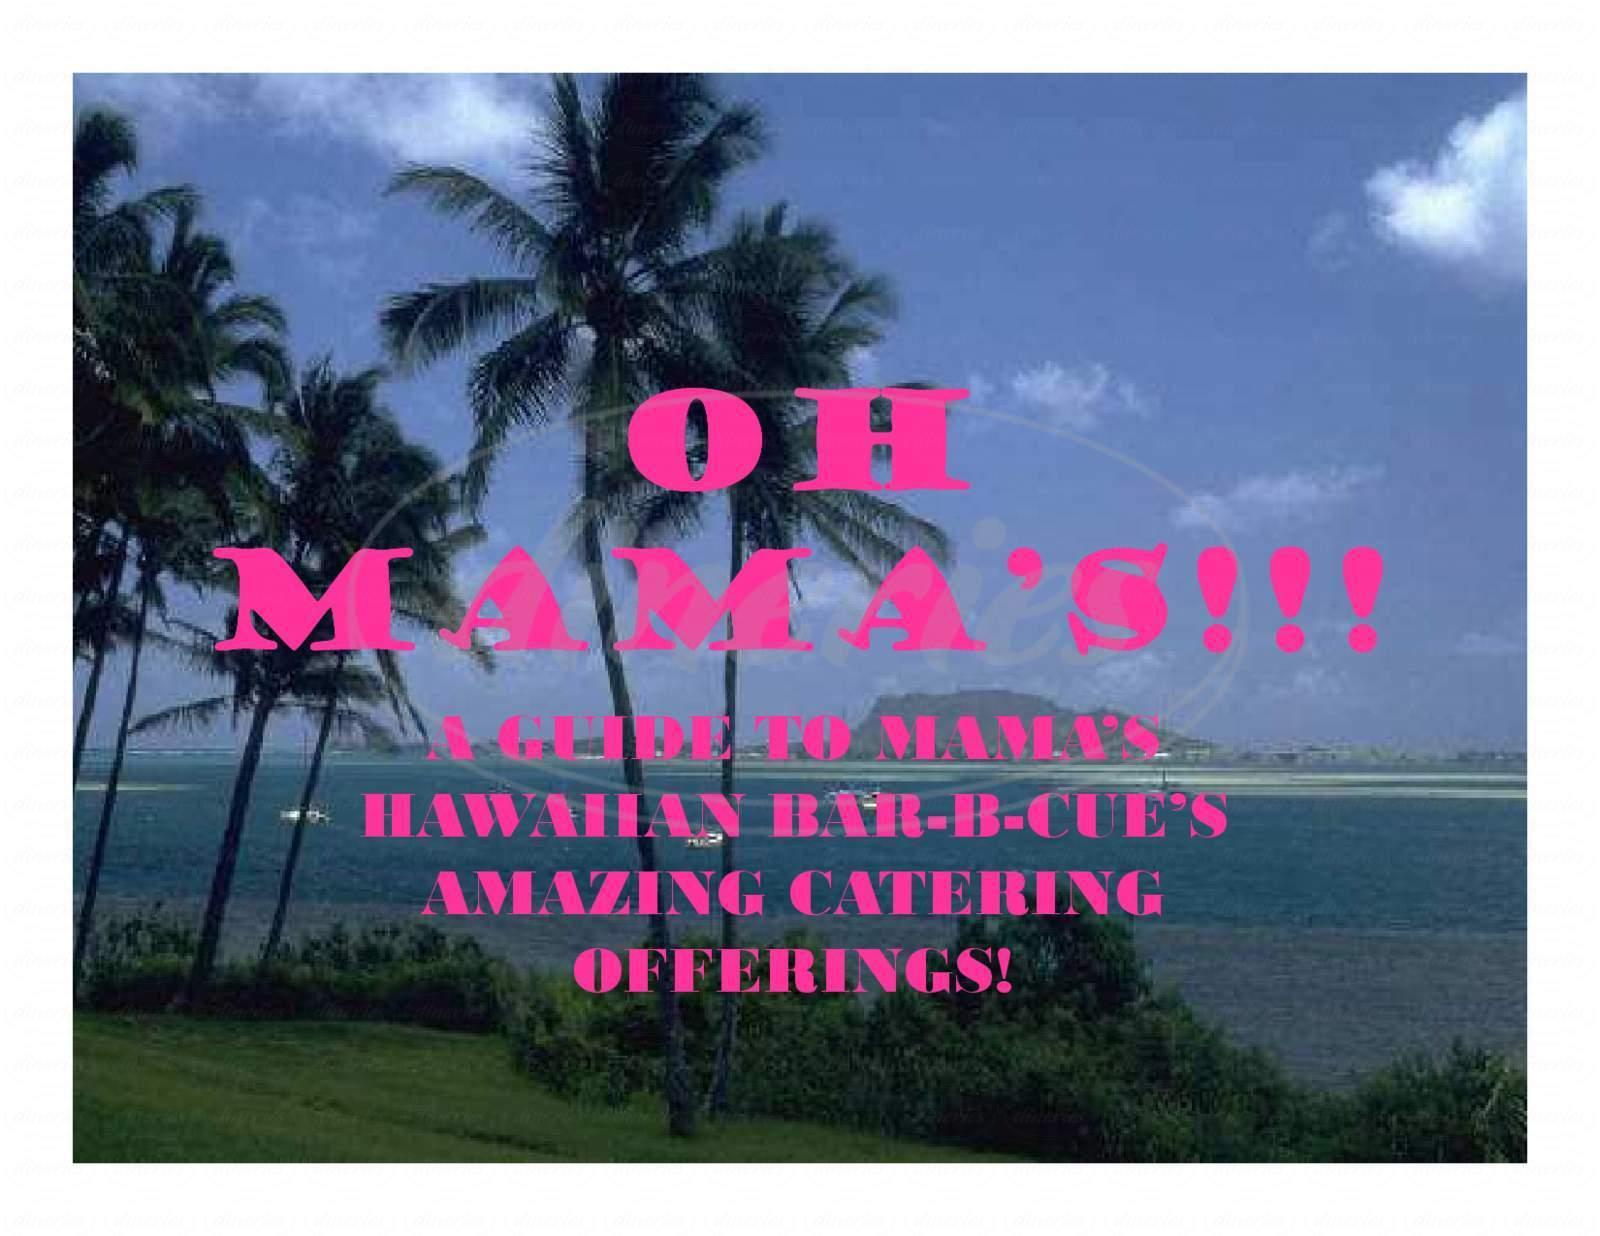 menu for Mama's Hawaiian Bar-B-Cue